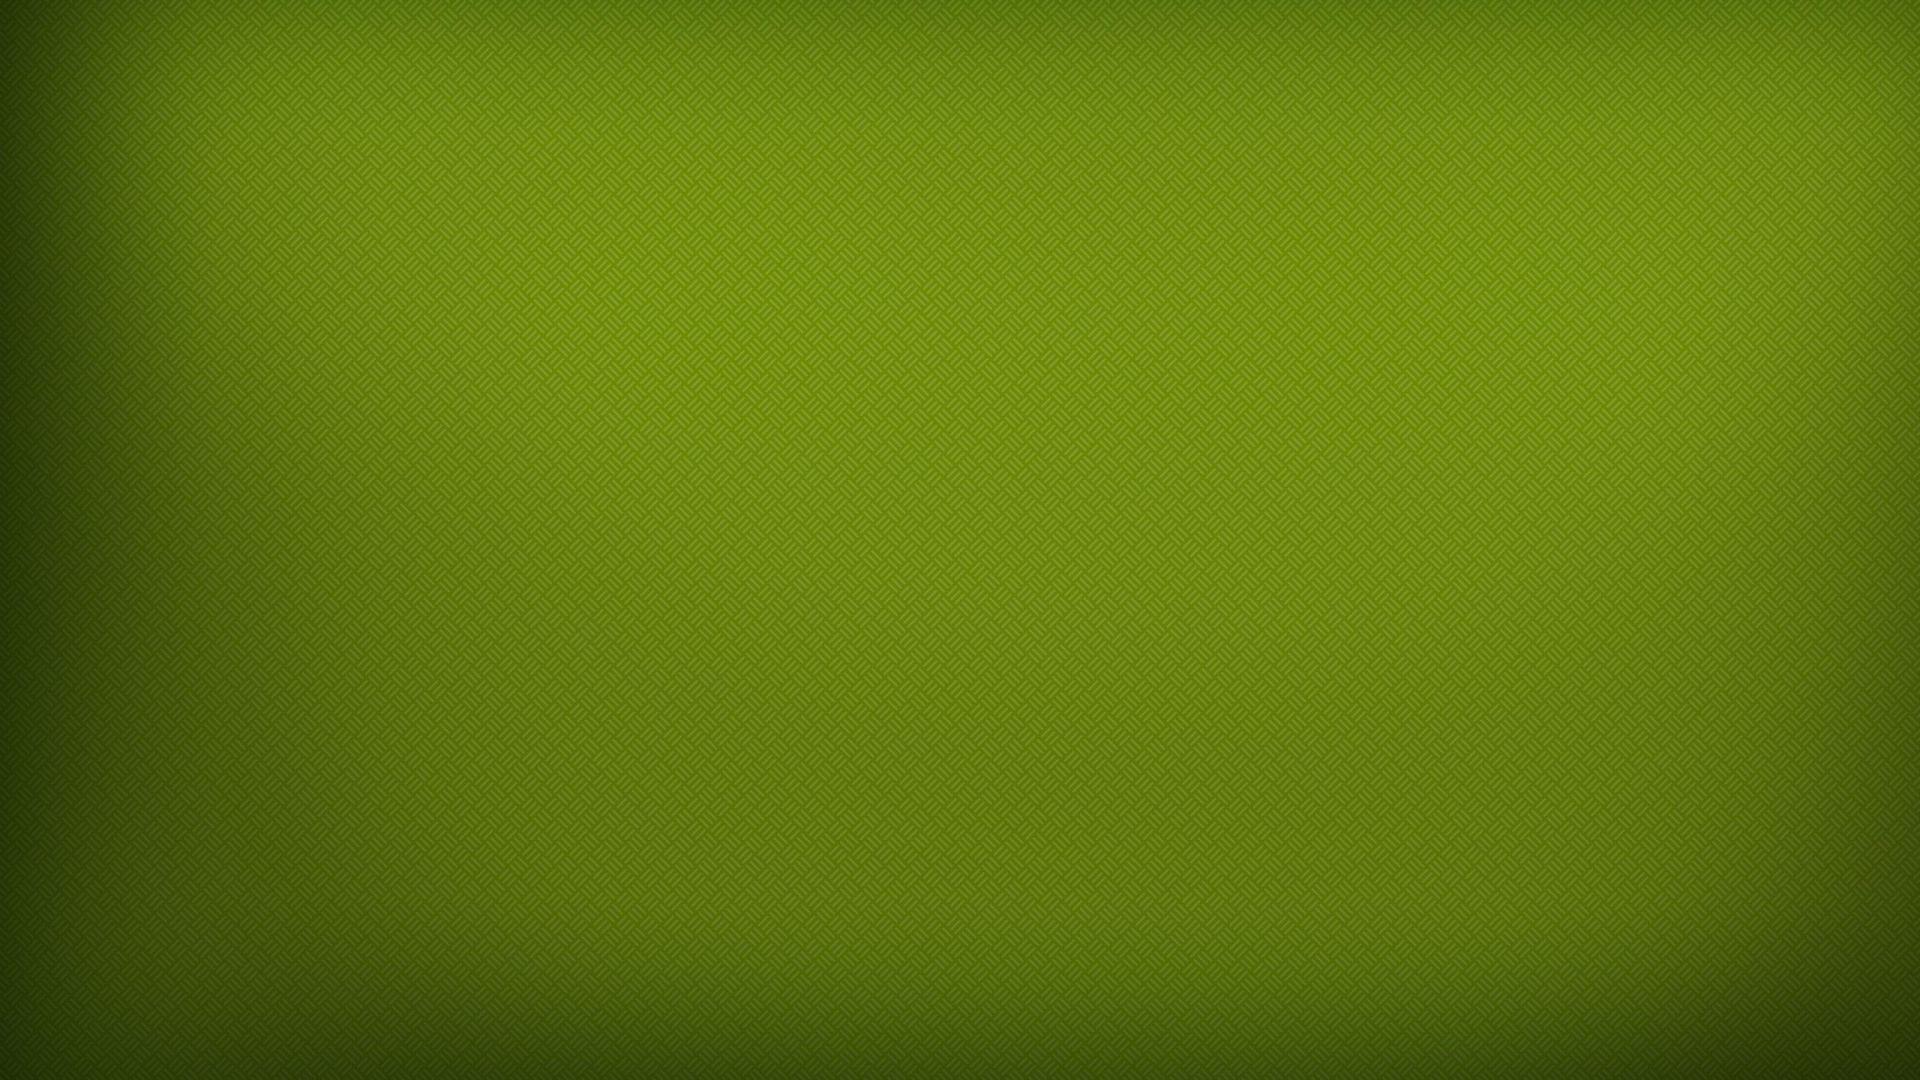 Как на зеленый фон наложить картинку, поэзии